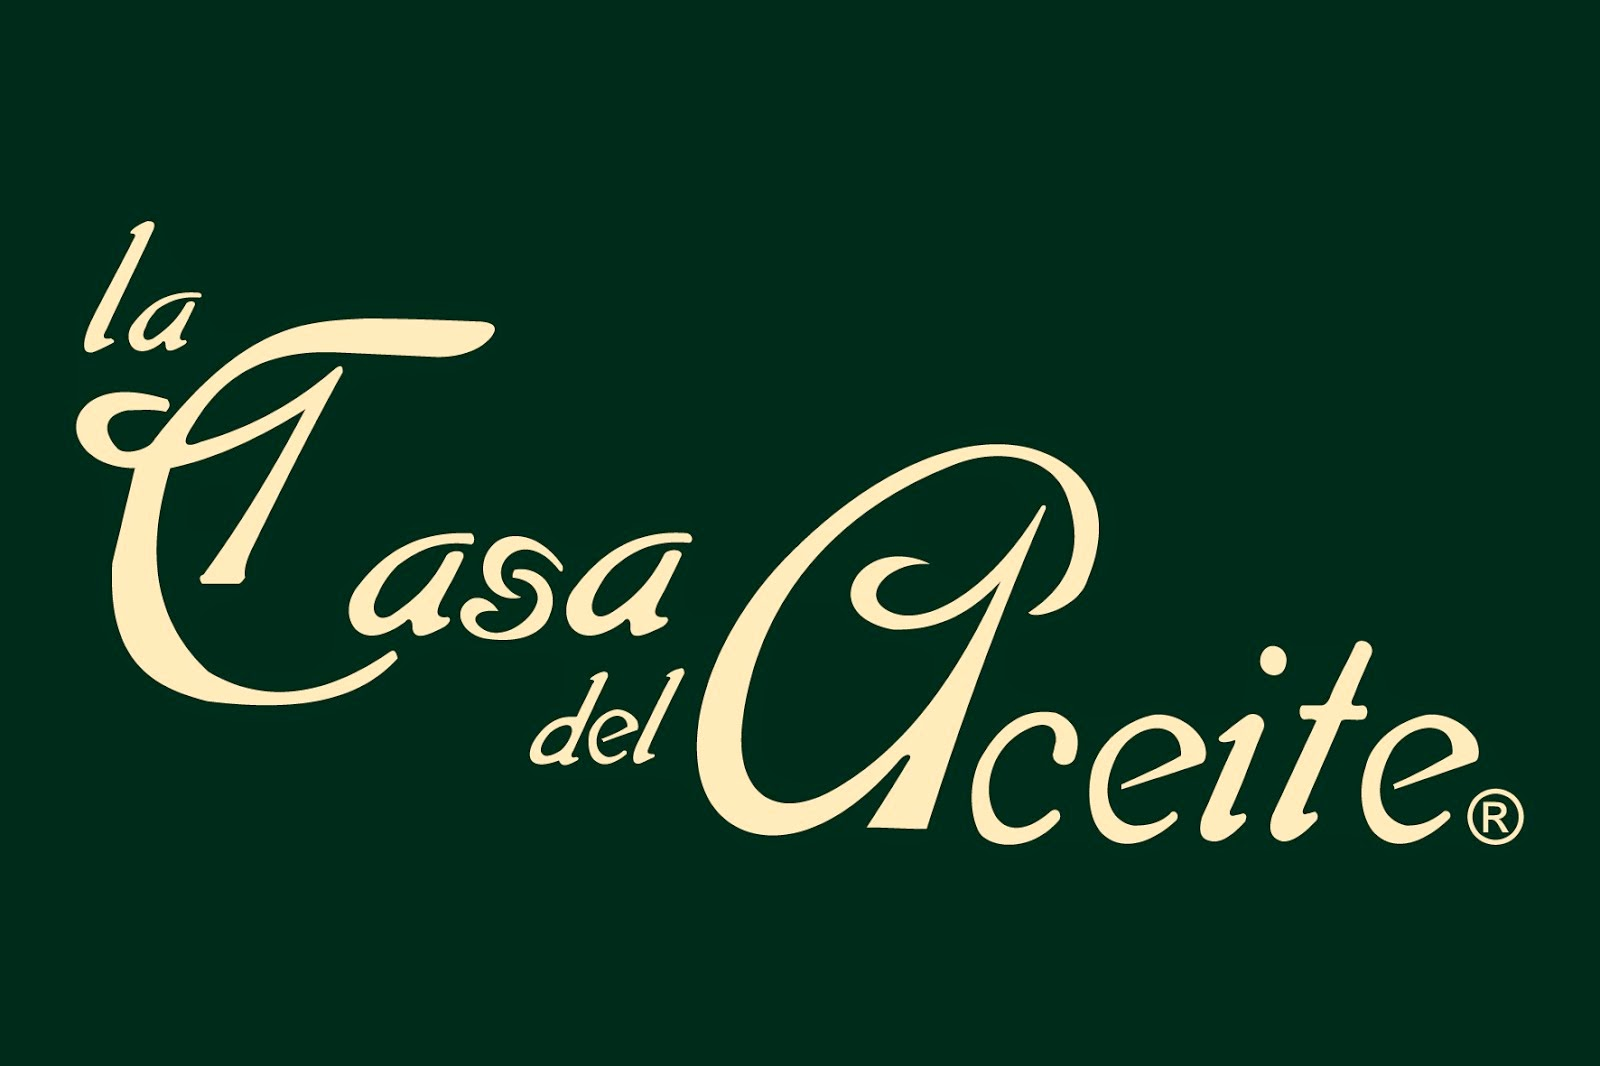 Tienda especializada en Aceites de Oliva Virgen Extra y derivados